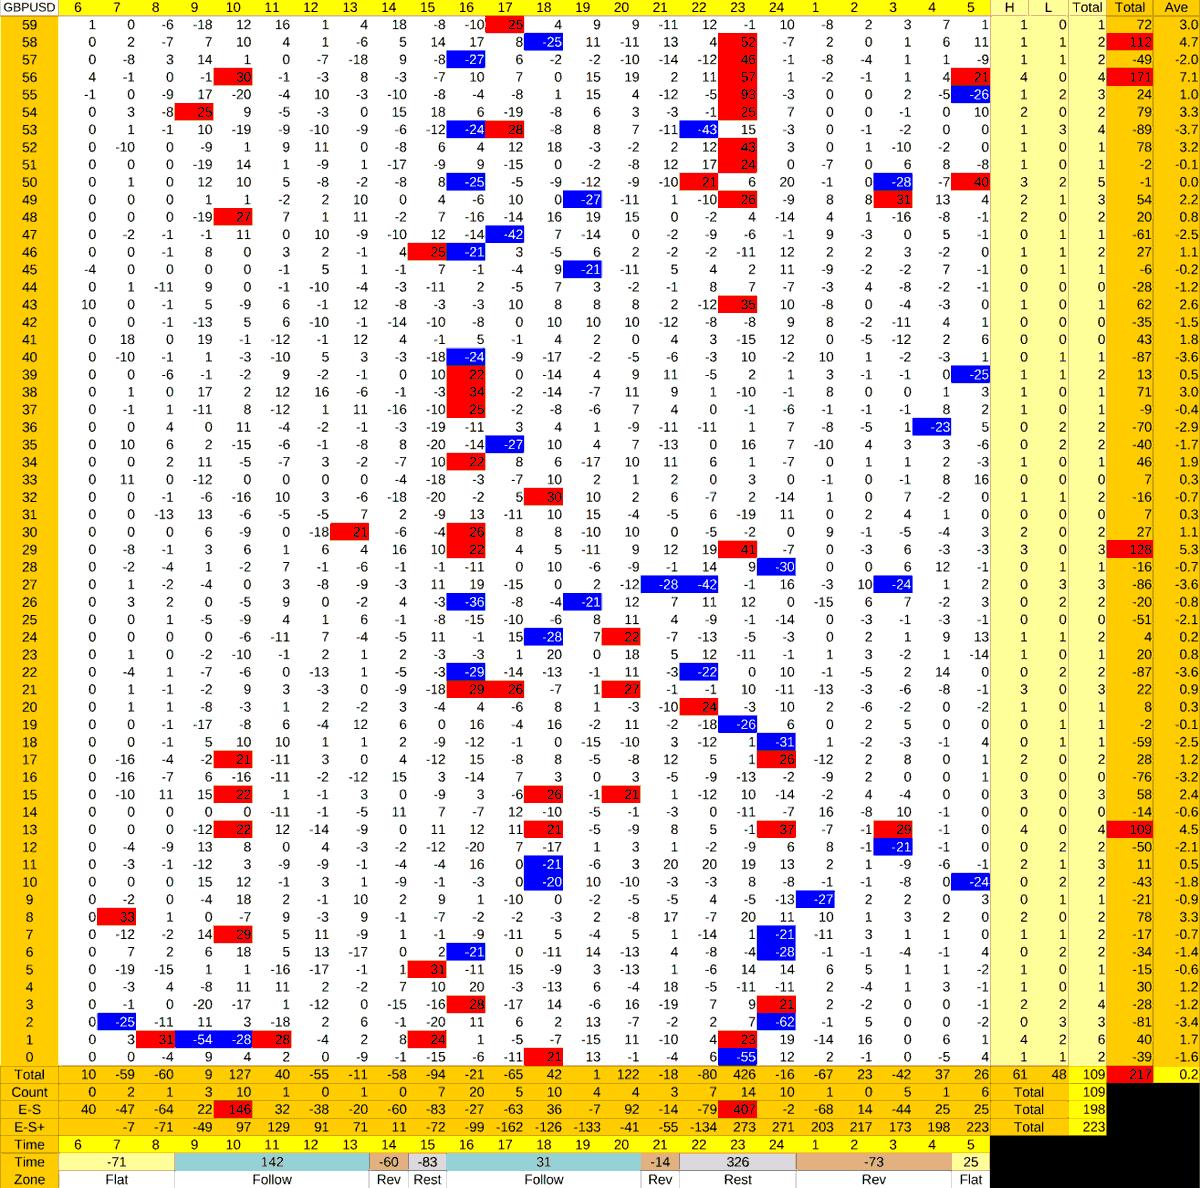 20210531_HS(2)GBPUSD